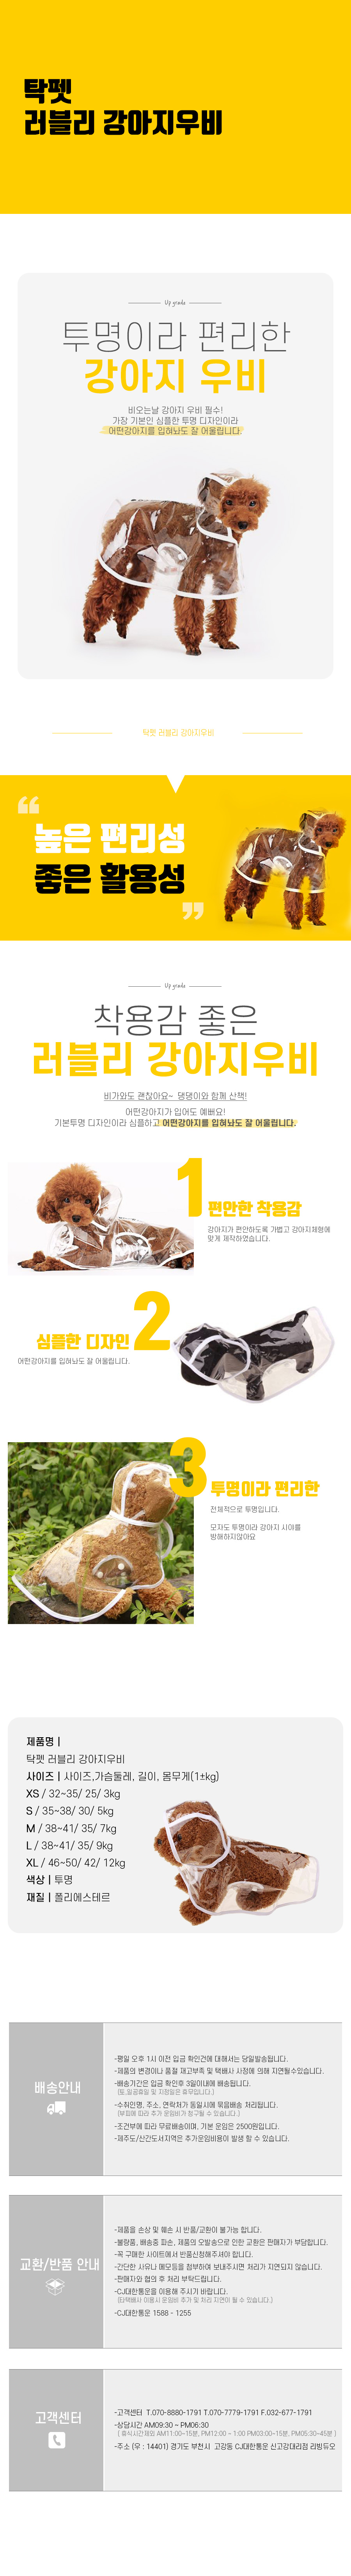 탁펫 러블리 강아지 투명우비 - 리빙듀오, 5,900원, 의류/액세서리, 의류